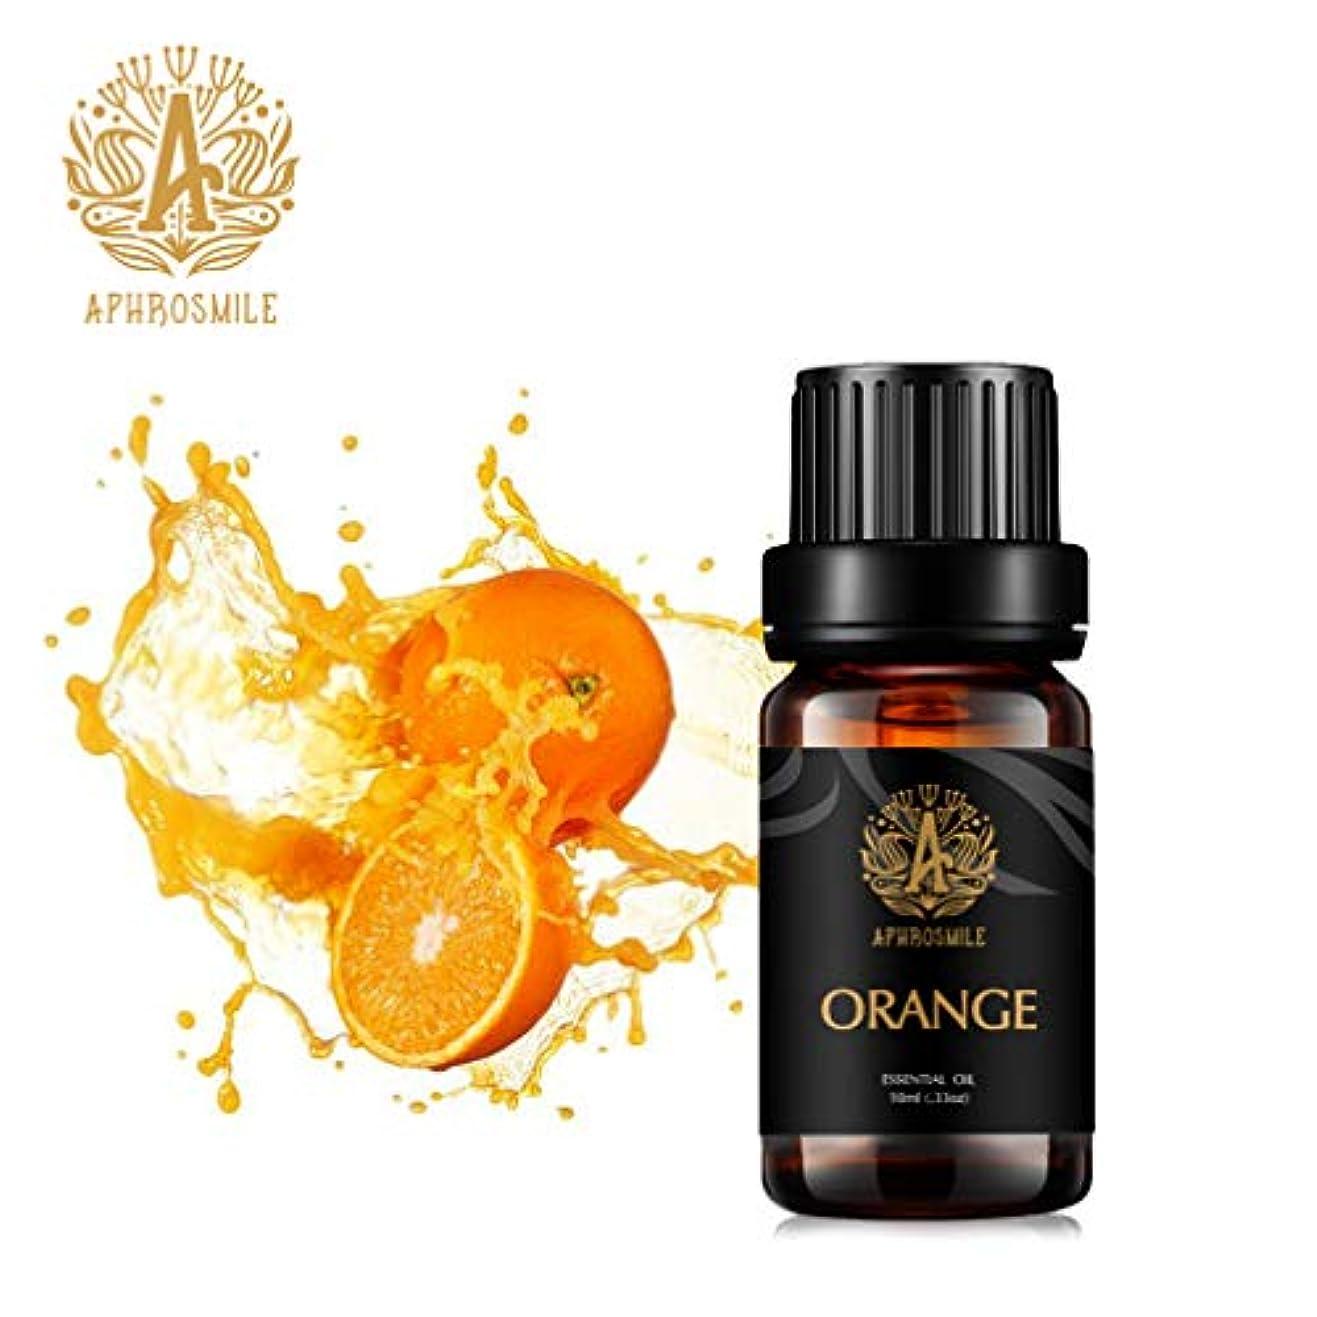 進むアイスクリーム更新オレンジエッセンシャルオイル、100%ピュアアロマエッセンシャルオイルオレンジ香り、怒りを和らげる、治療用グレードエッセンシャルオイルオレンジの香り、為にディフューザー、マッサージ、加湿器、デイリーケア、0.33オンス-...